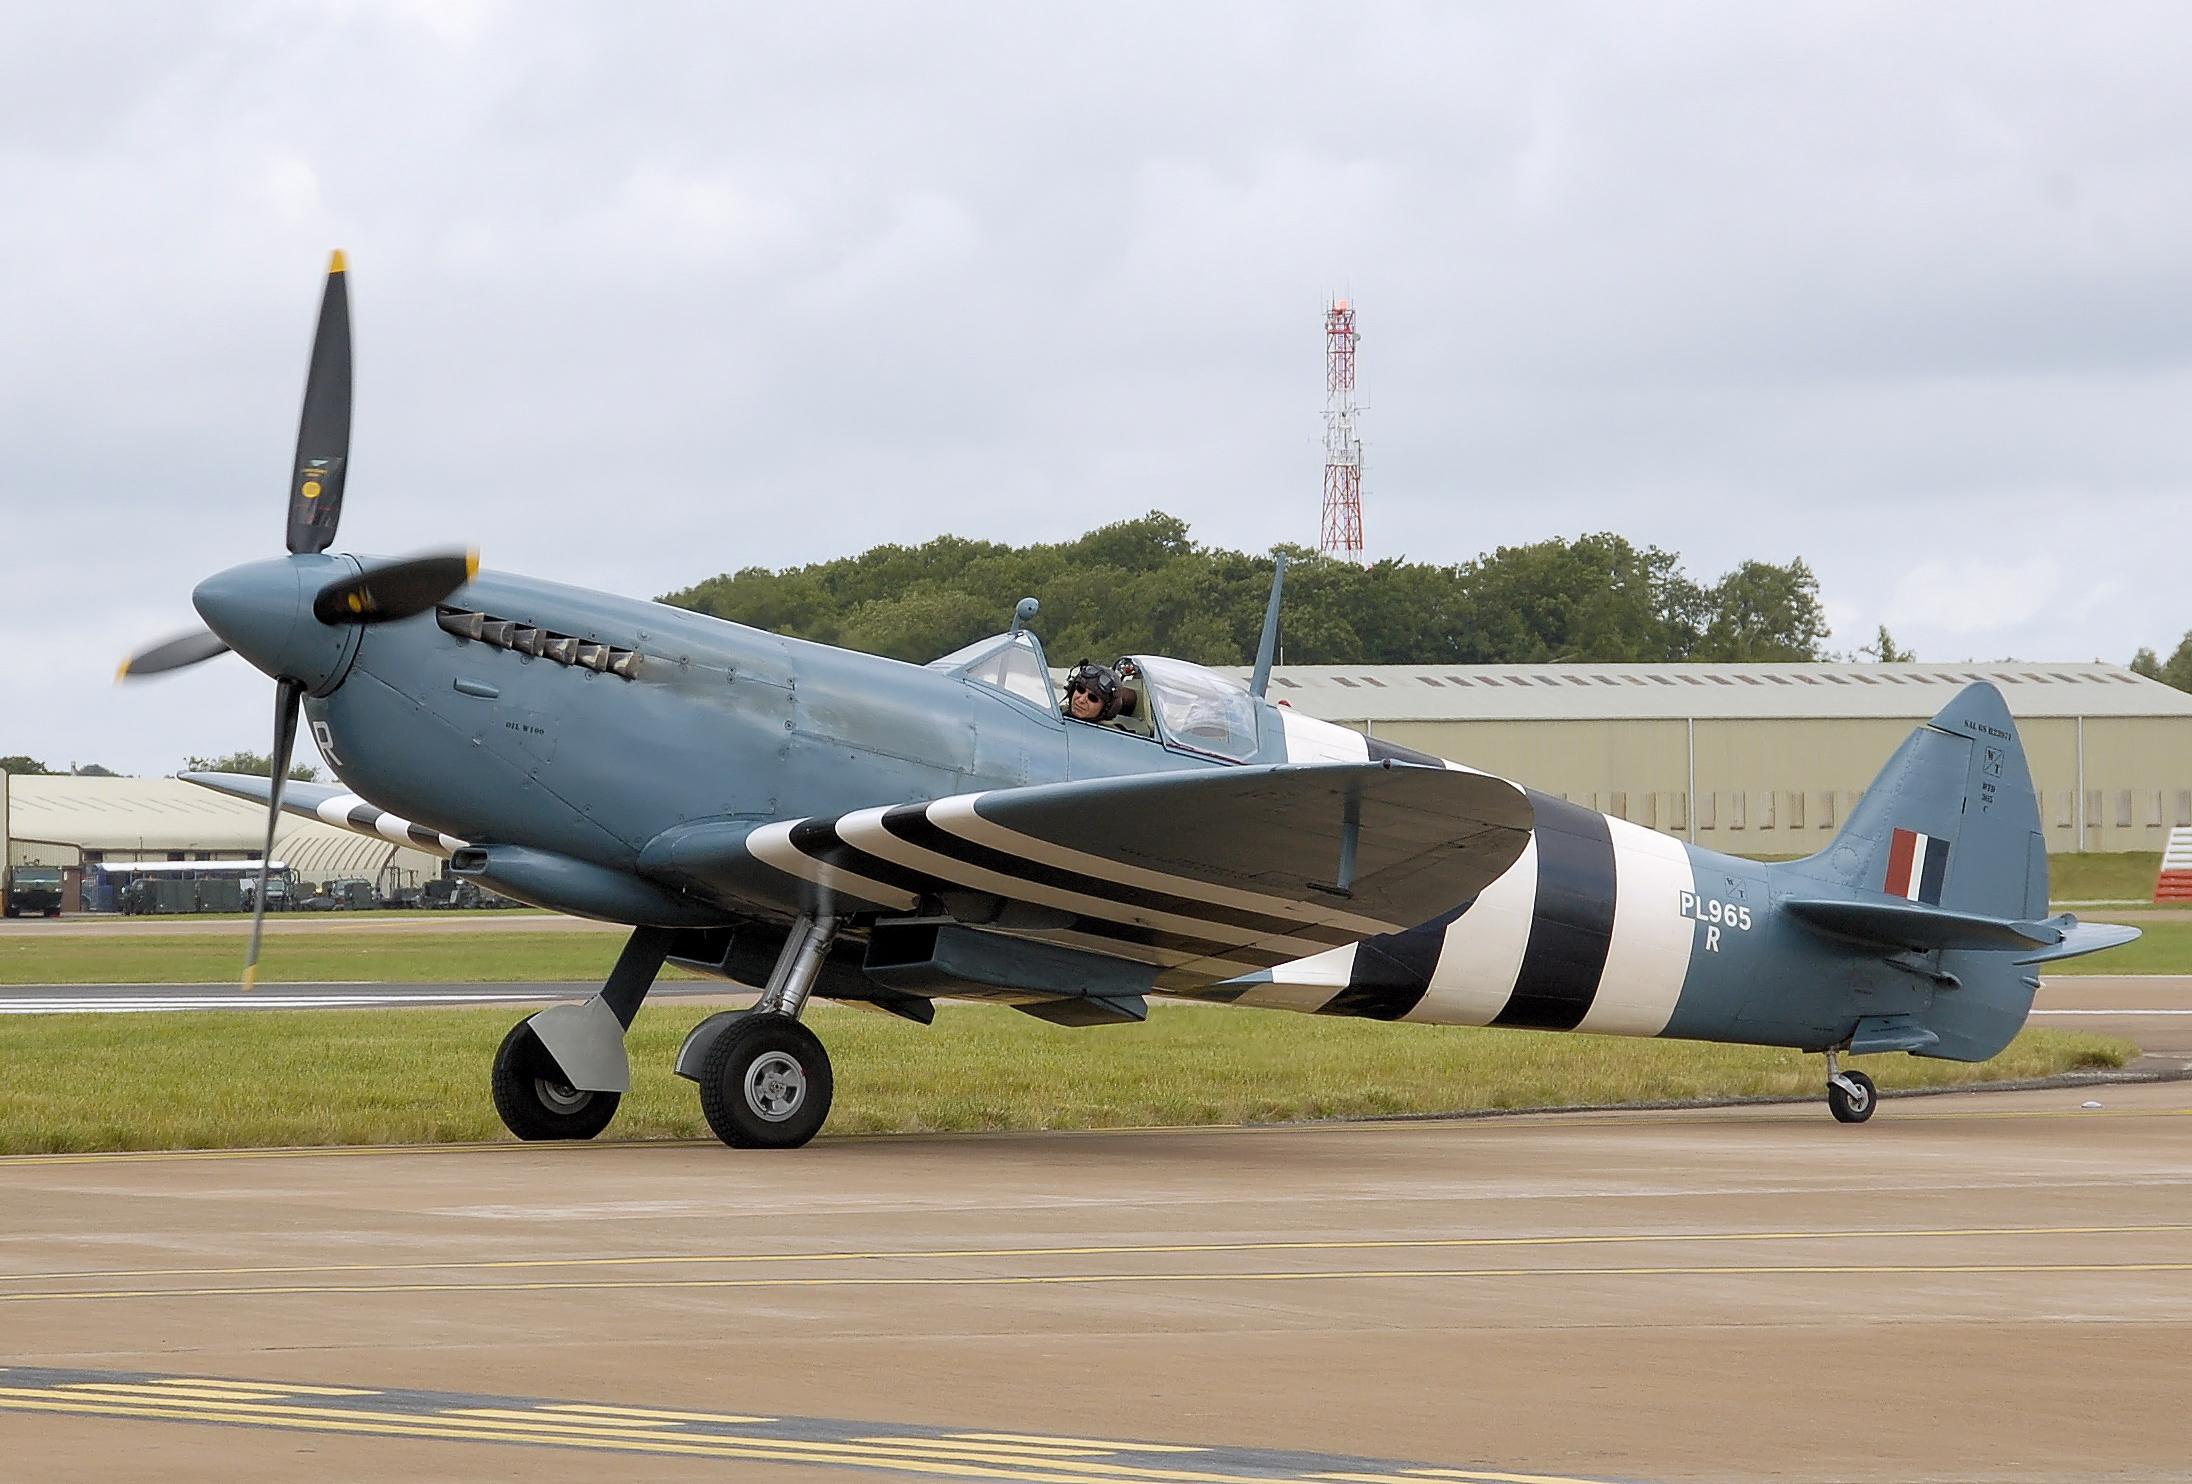 Spitfire-mk11-pl965-arp